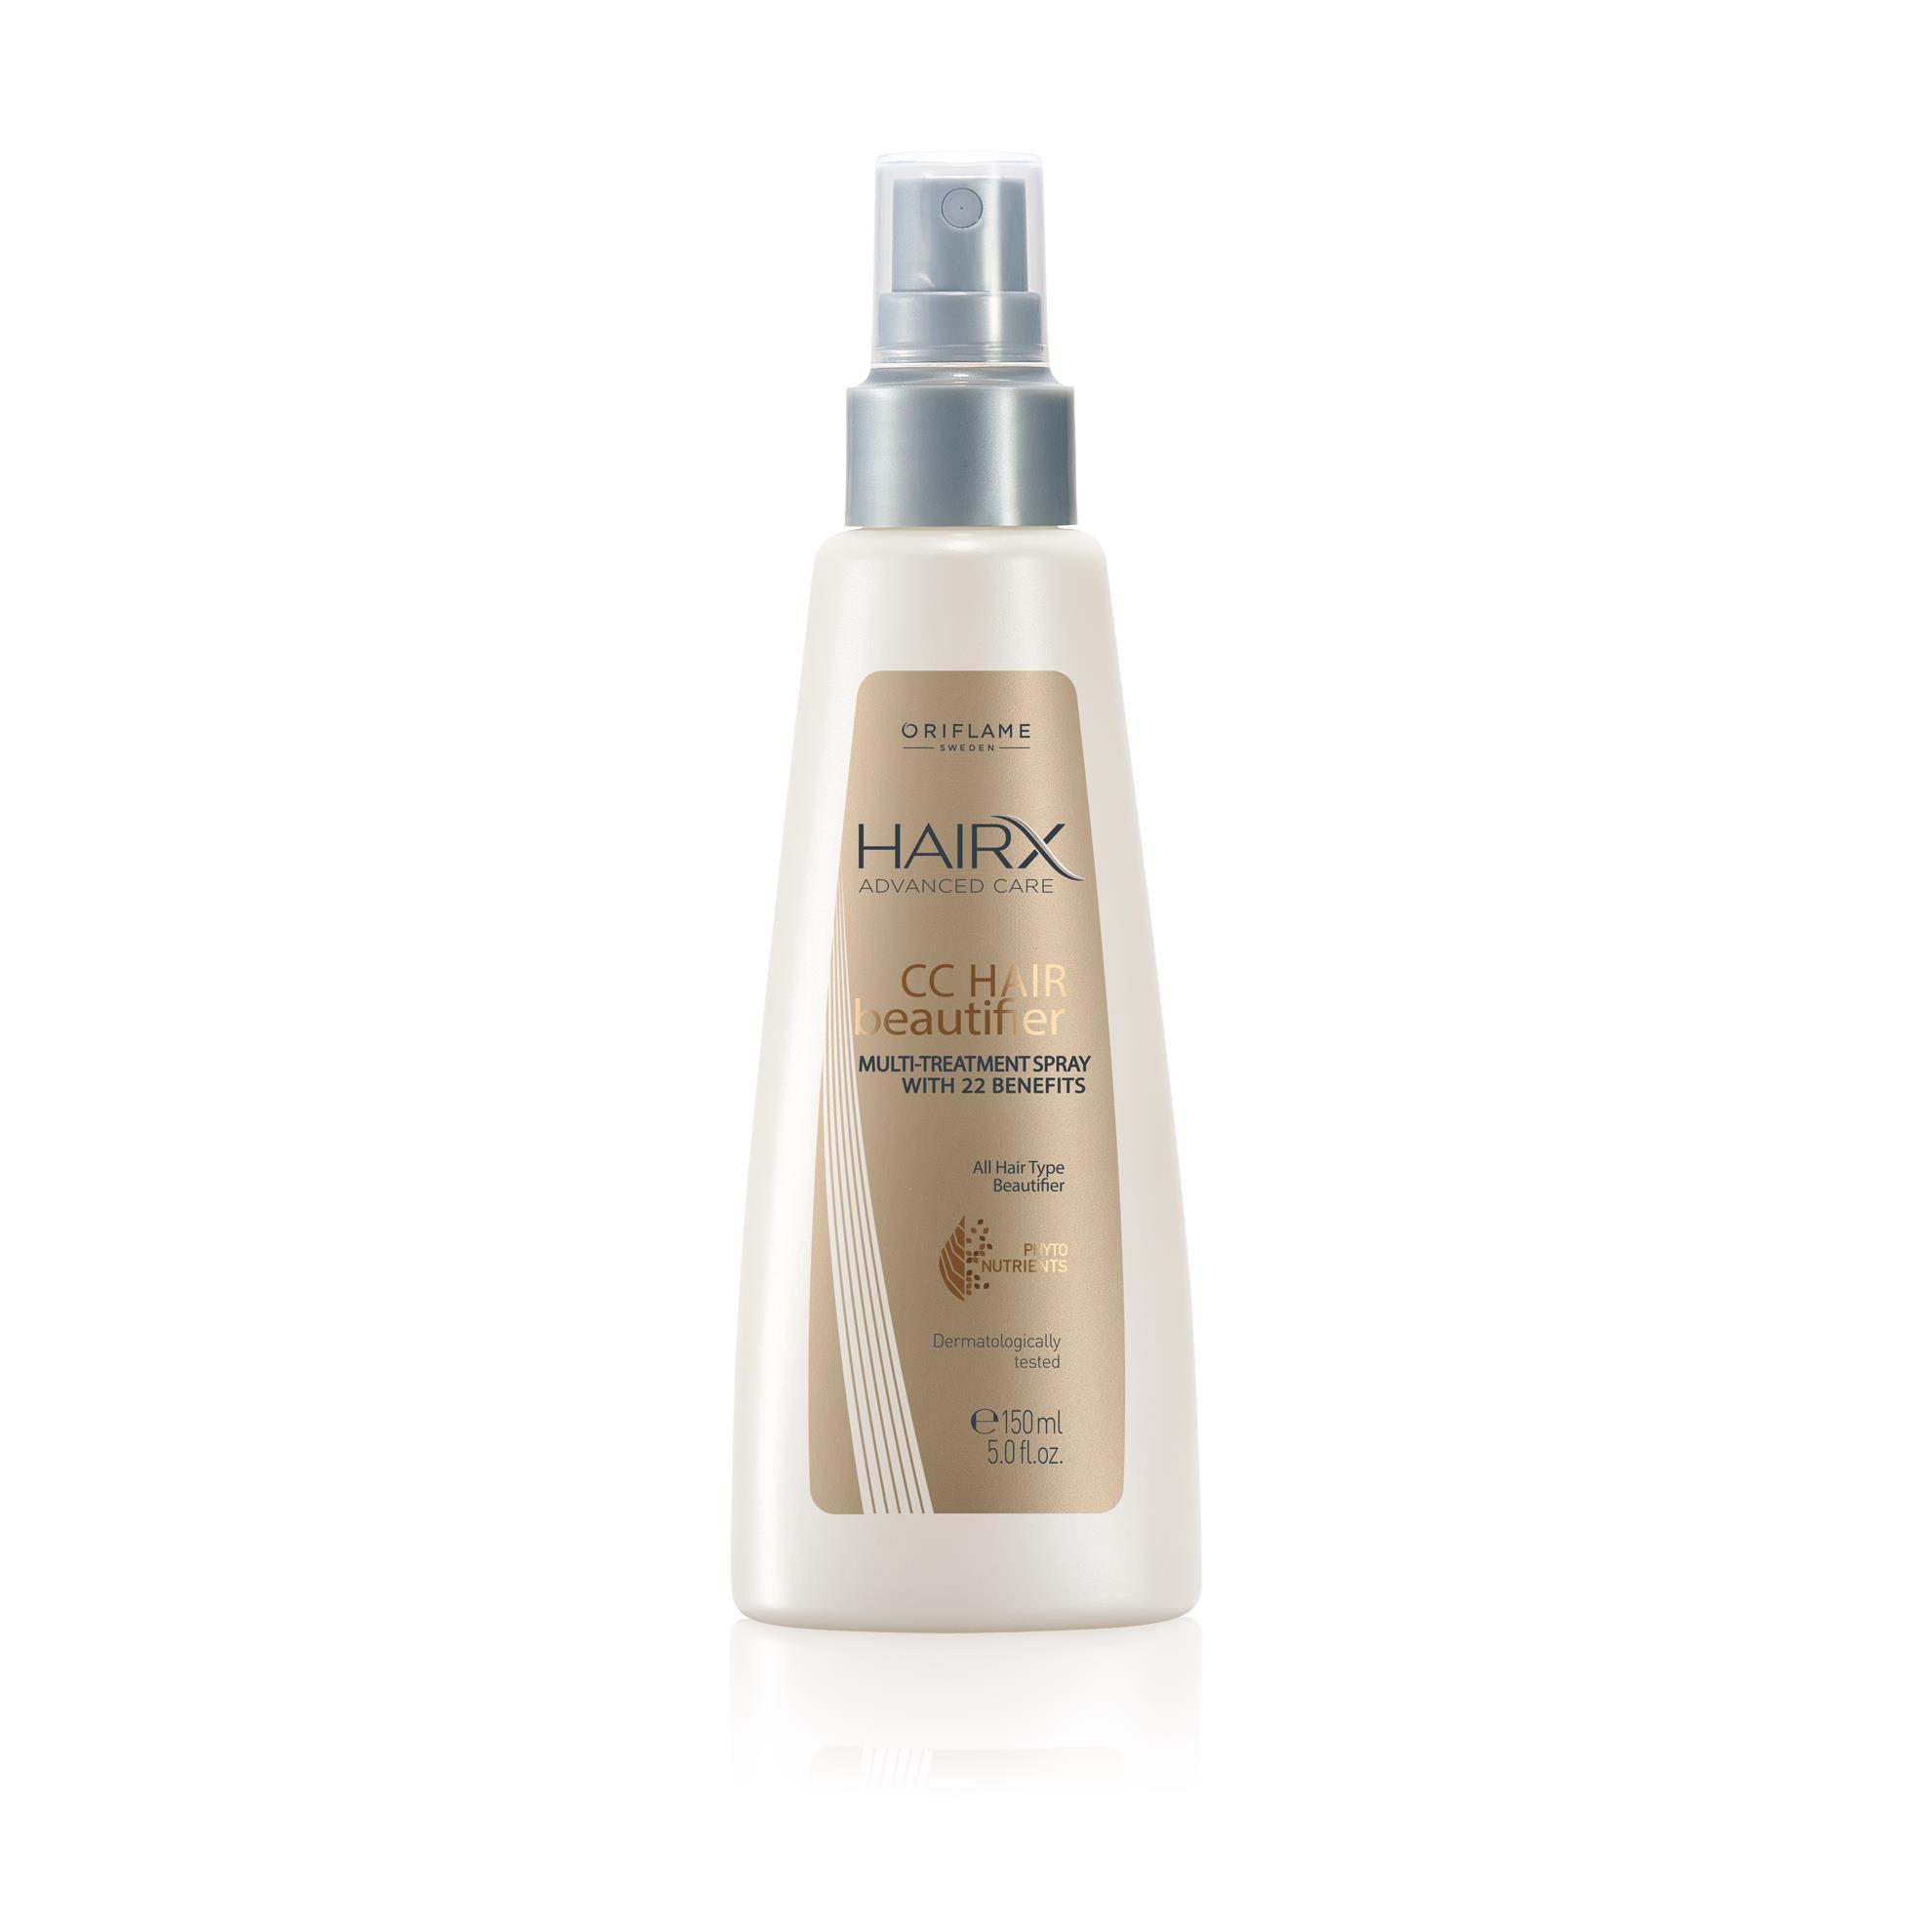 Мультифункциональный СС-крем для волос HairX